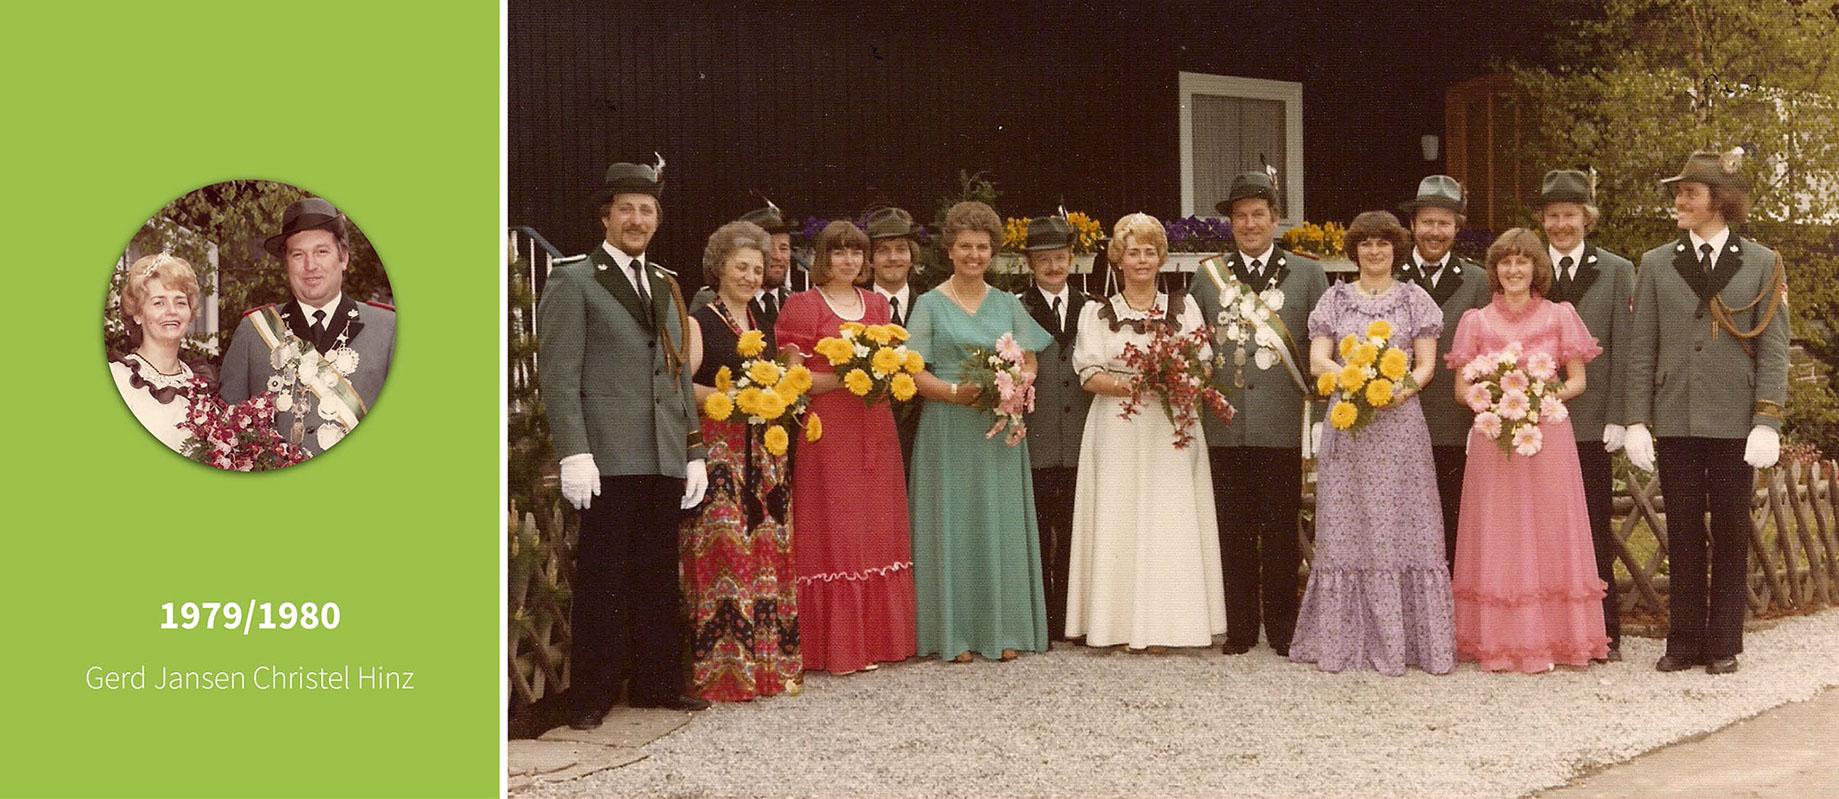 1979_1980_gerd-jansen-und-christel-hinz_2x